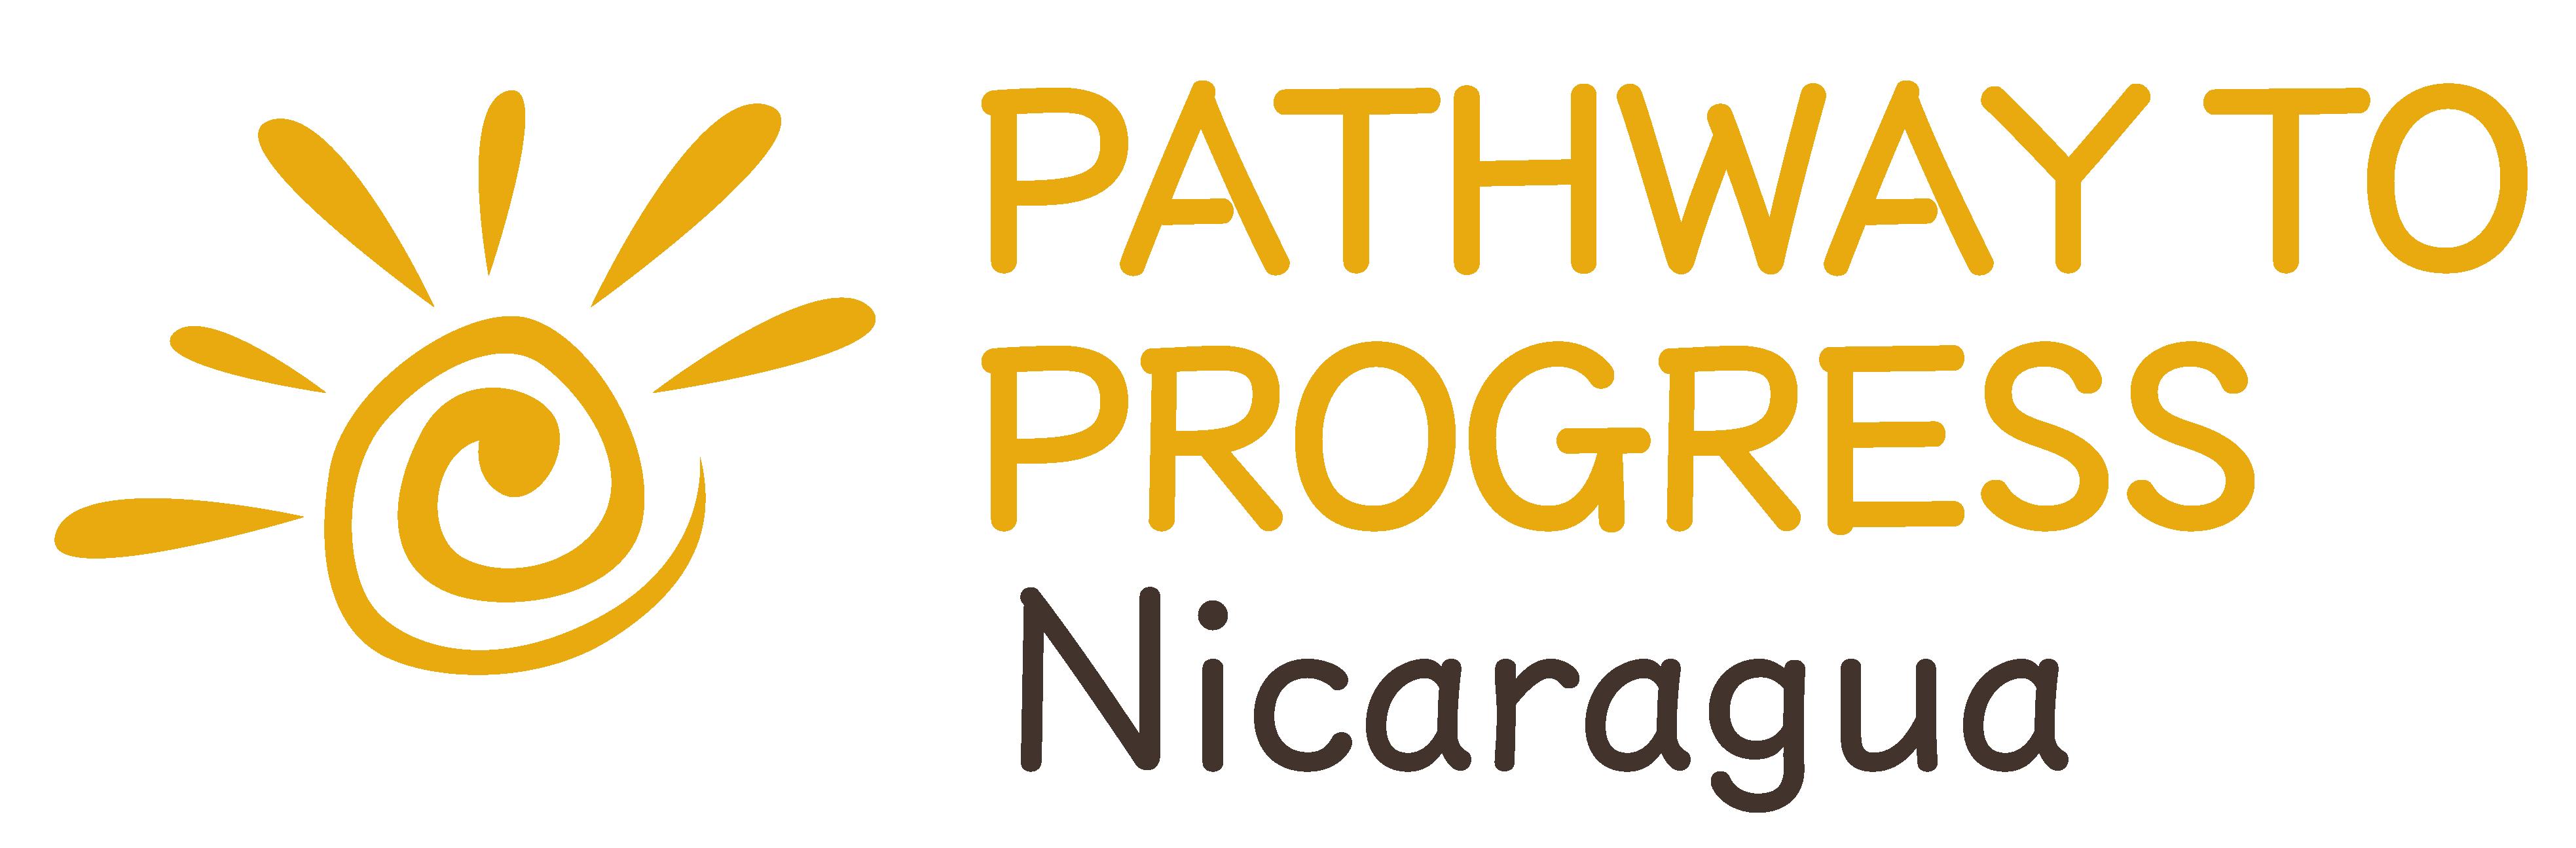 Pathway to Progress Nicaragua